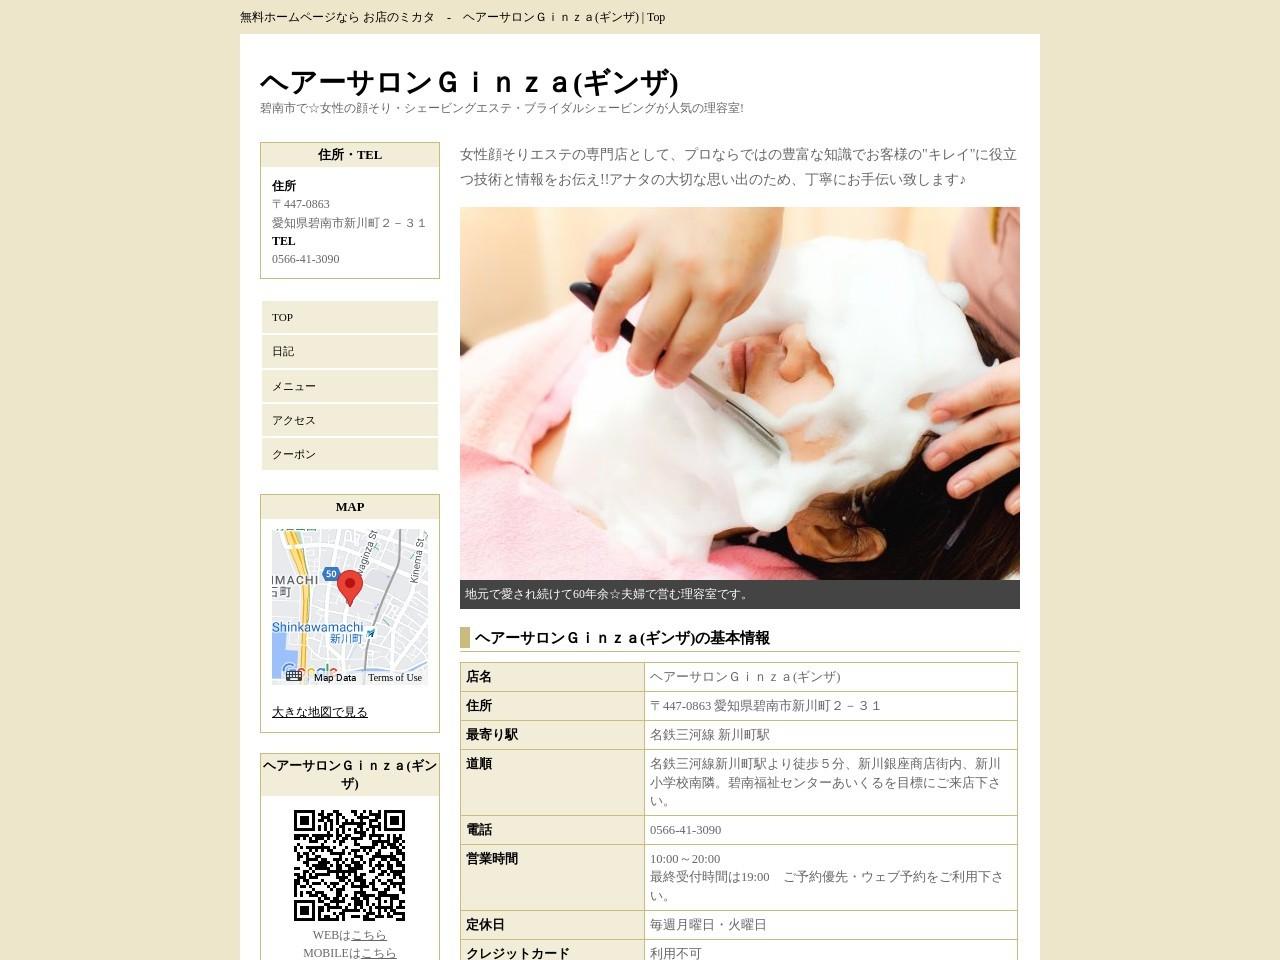 ヘアーサロン Ginza